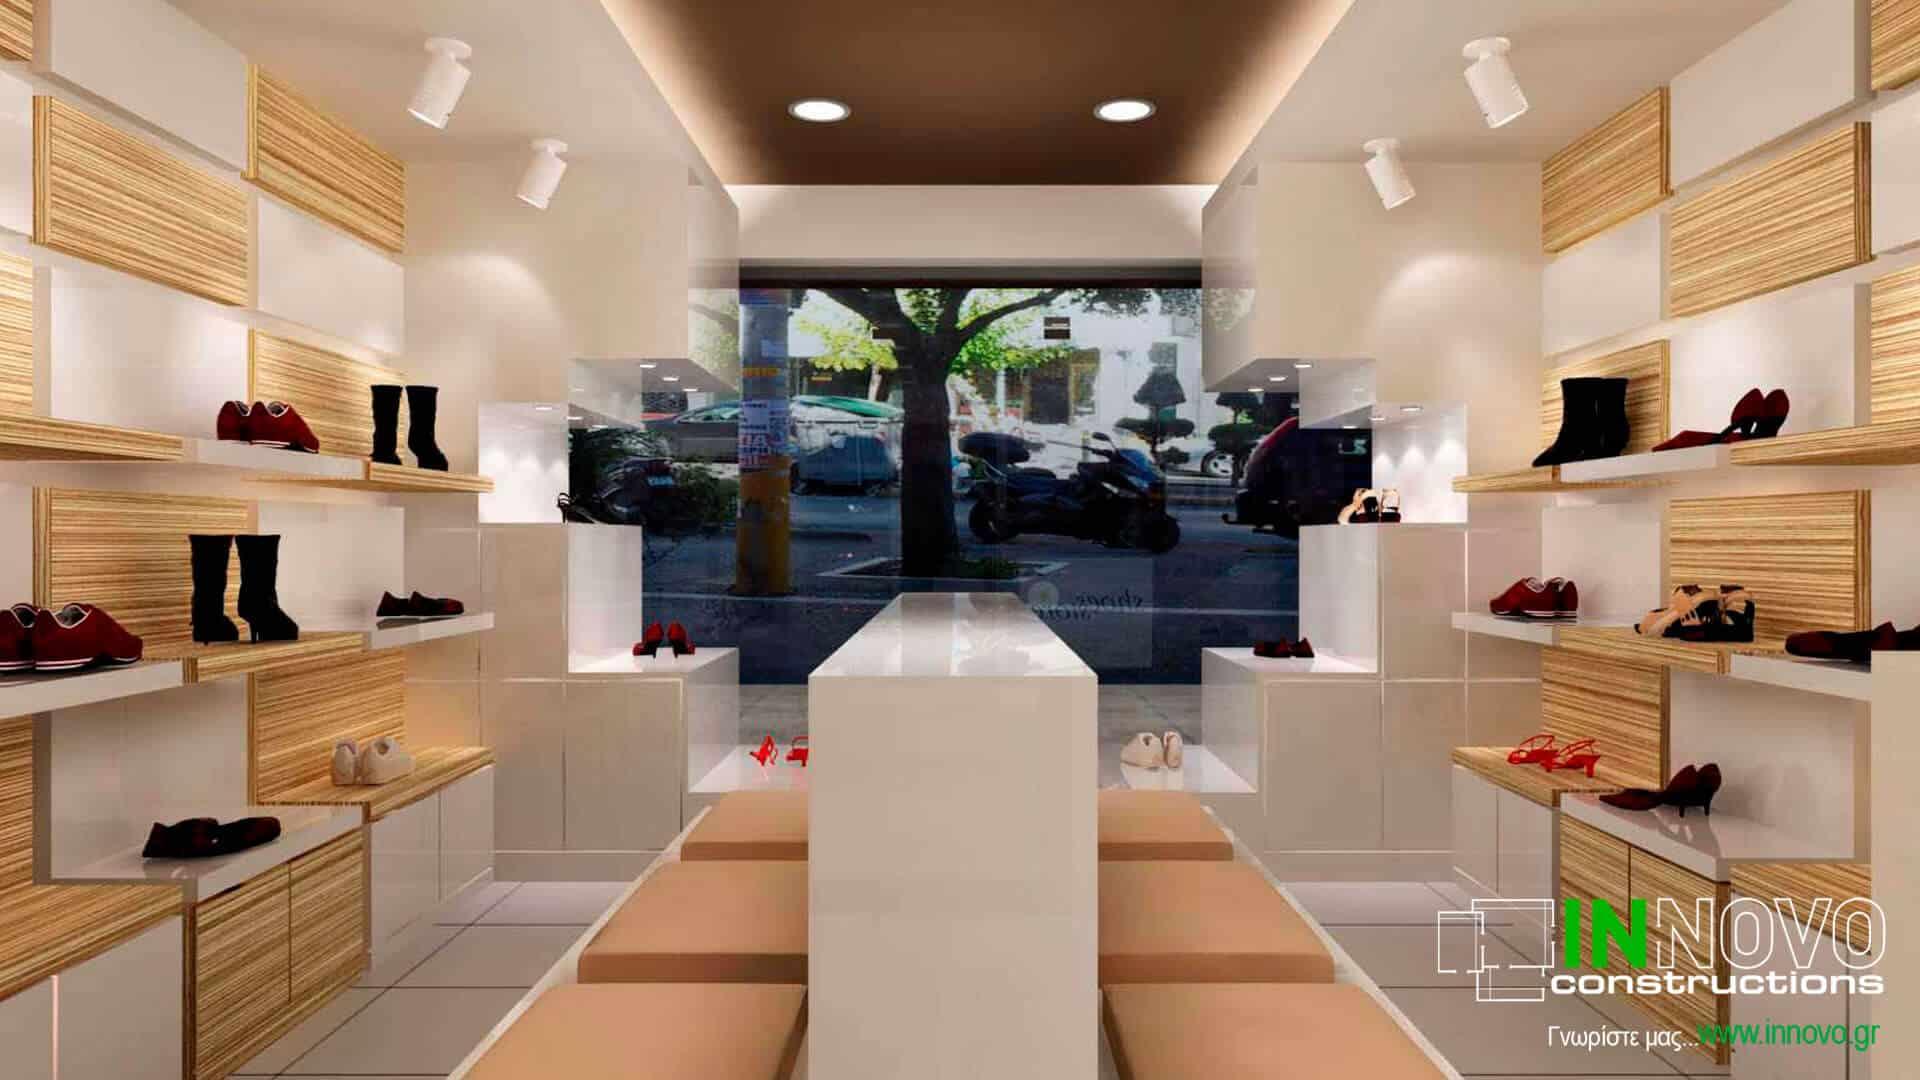 diakosmisi-katastimatos-papoutsion-shoe-store-design-ypodimata-keratsini-1306-5